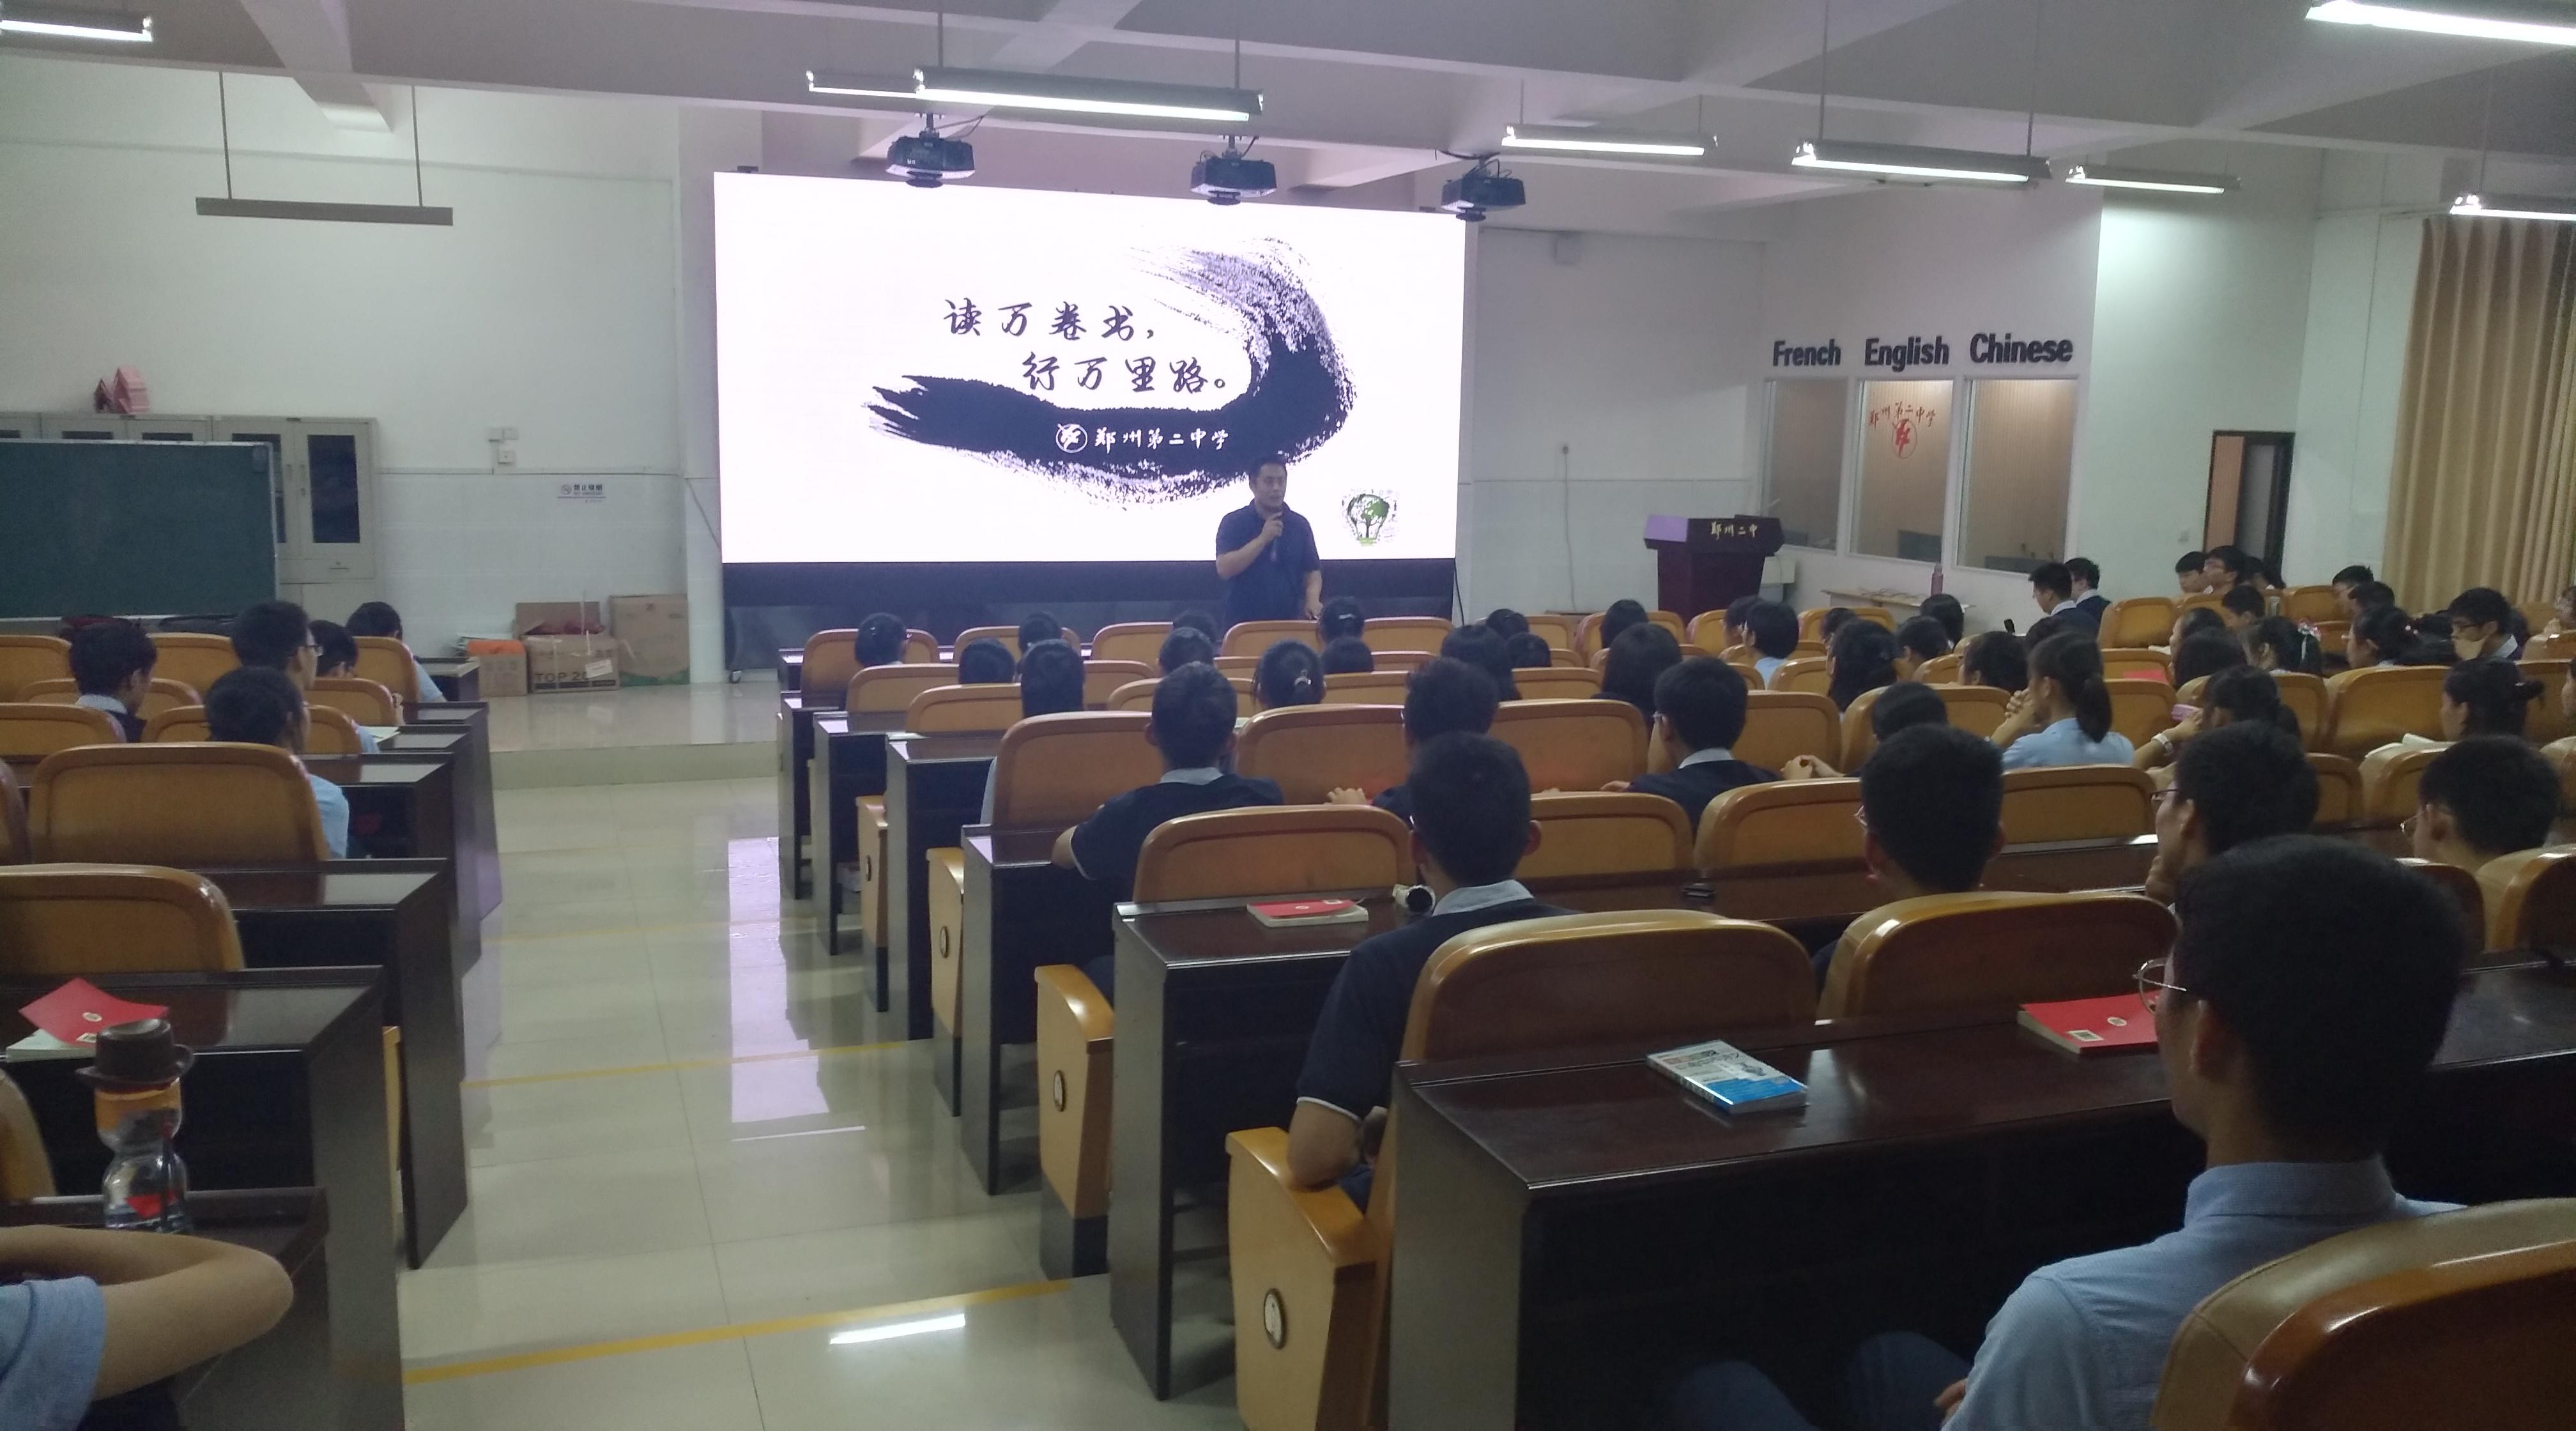 河南人工智能培训(吴恩达 机器学习)